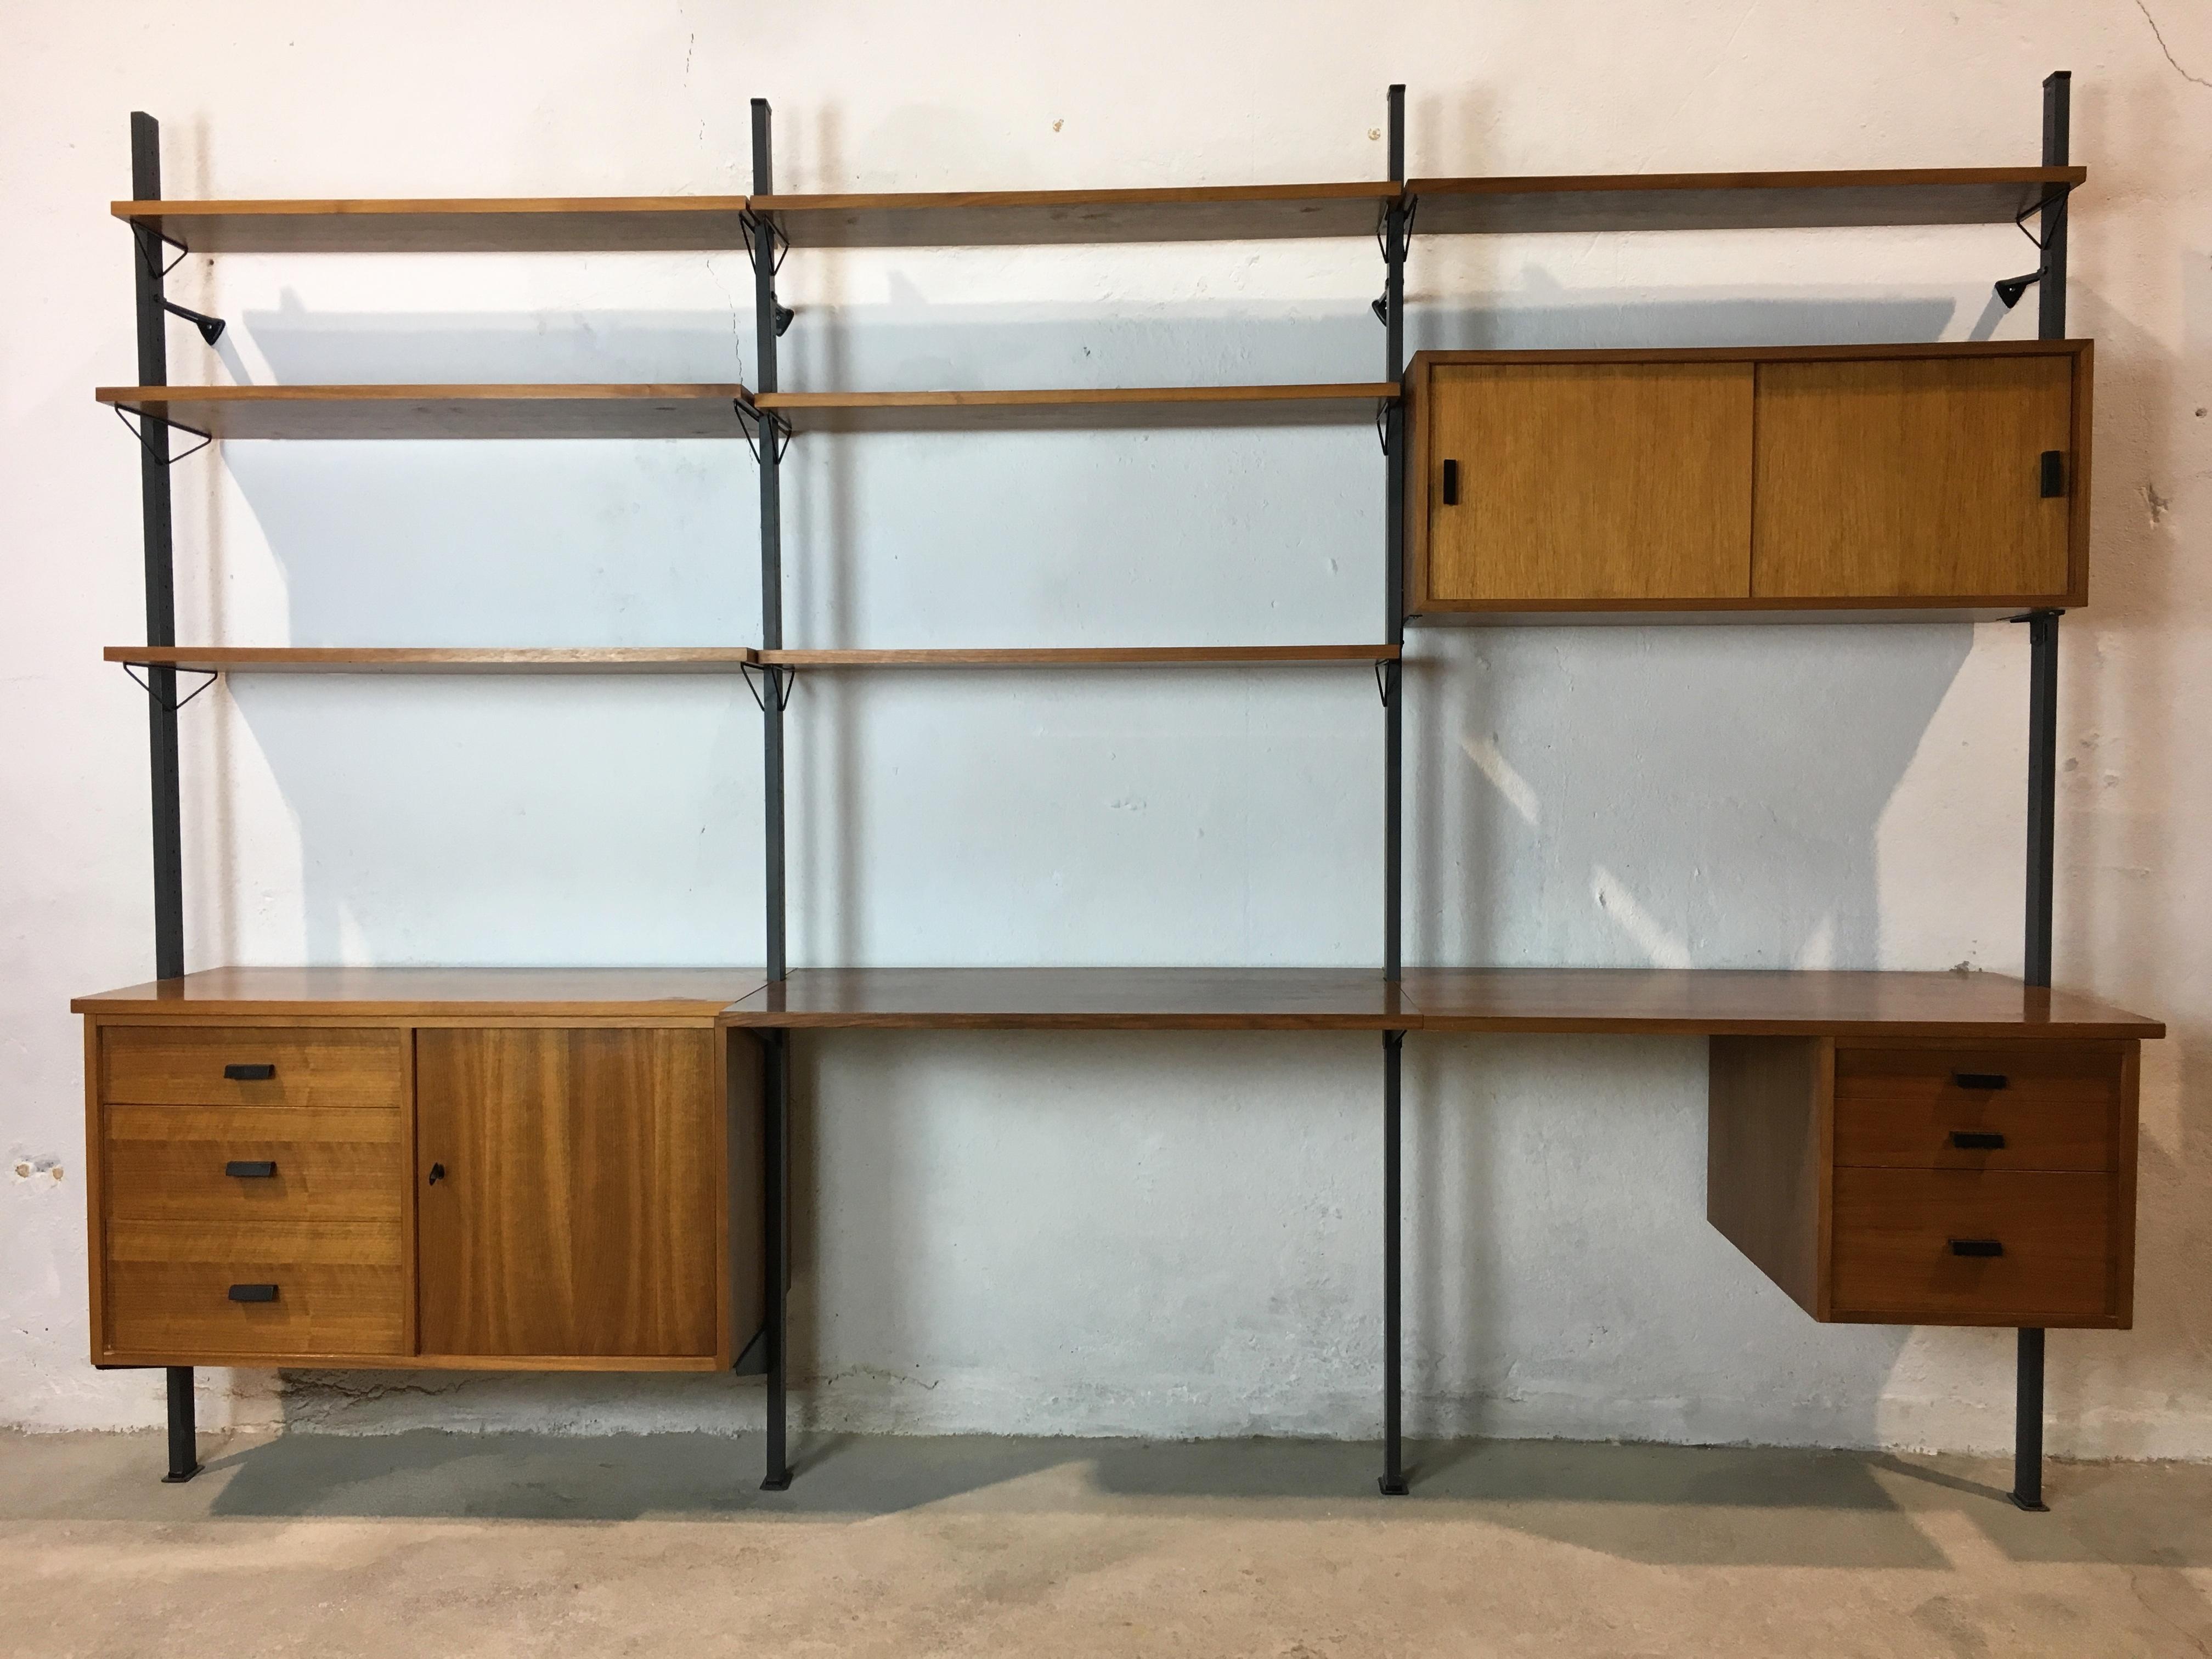 etagère bibliothèque scandinave année 60 shelf system pira système